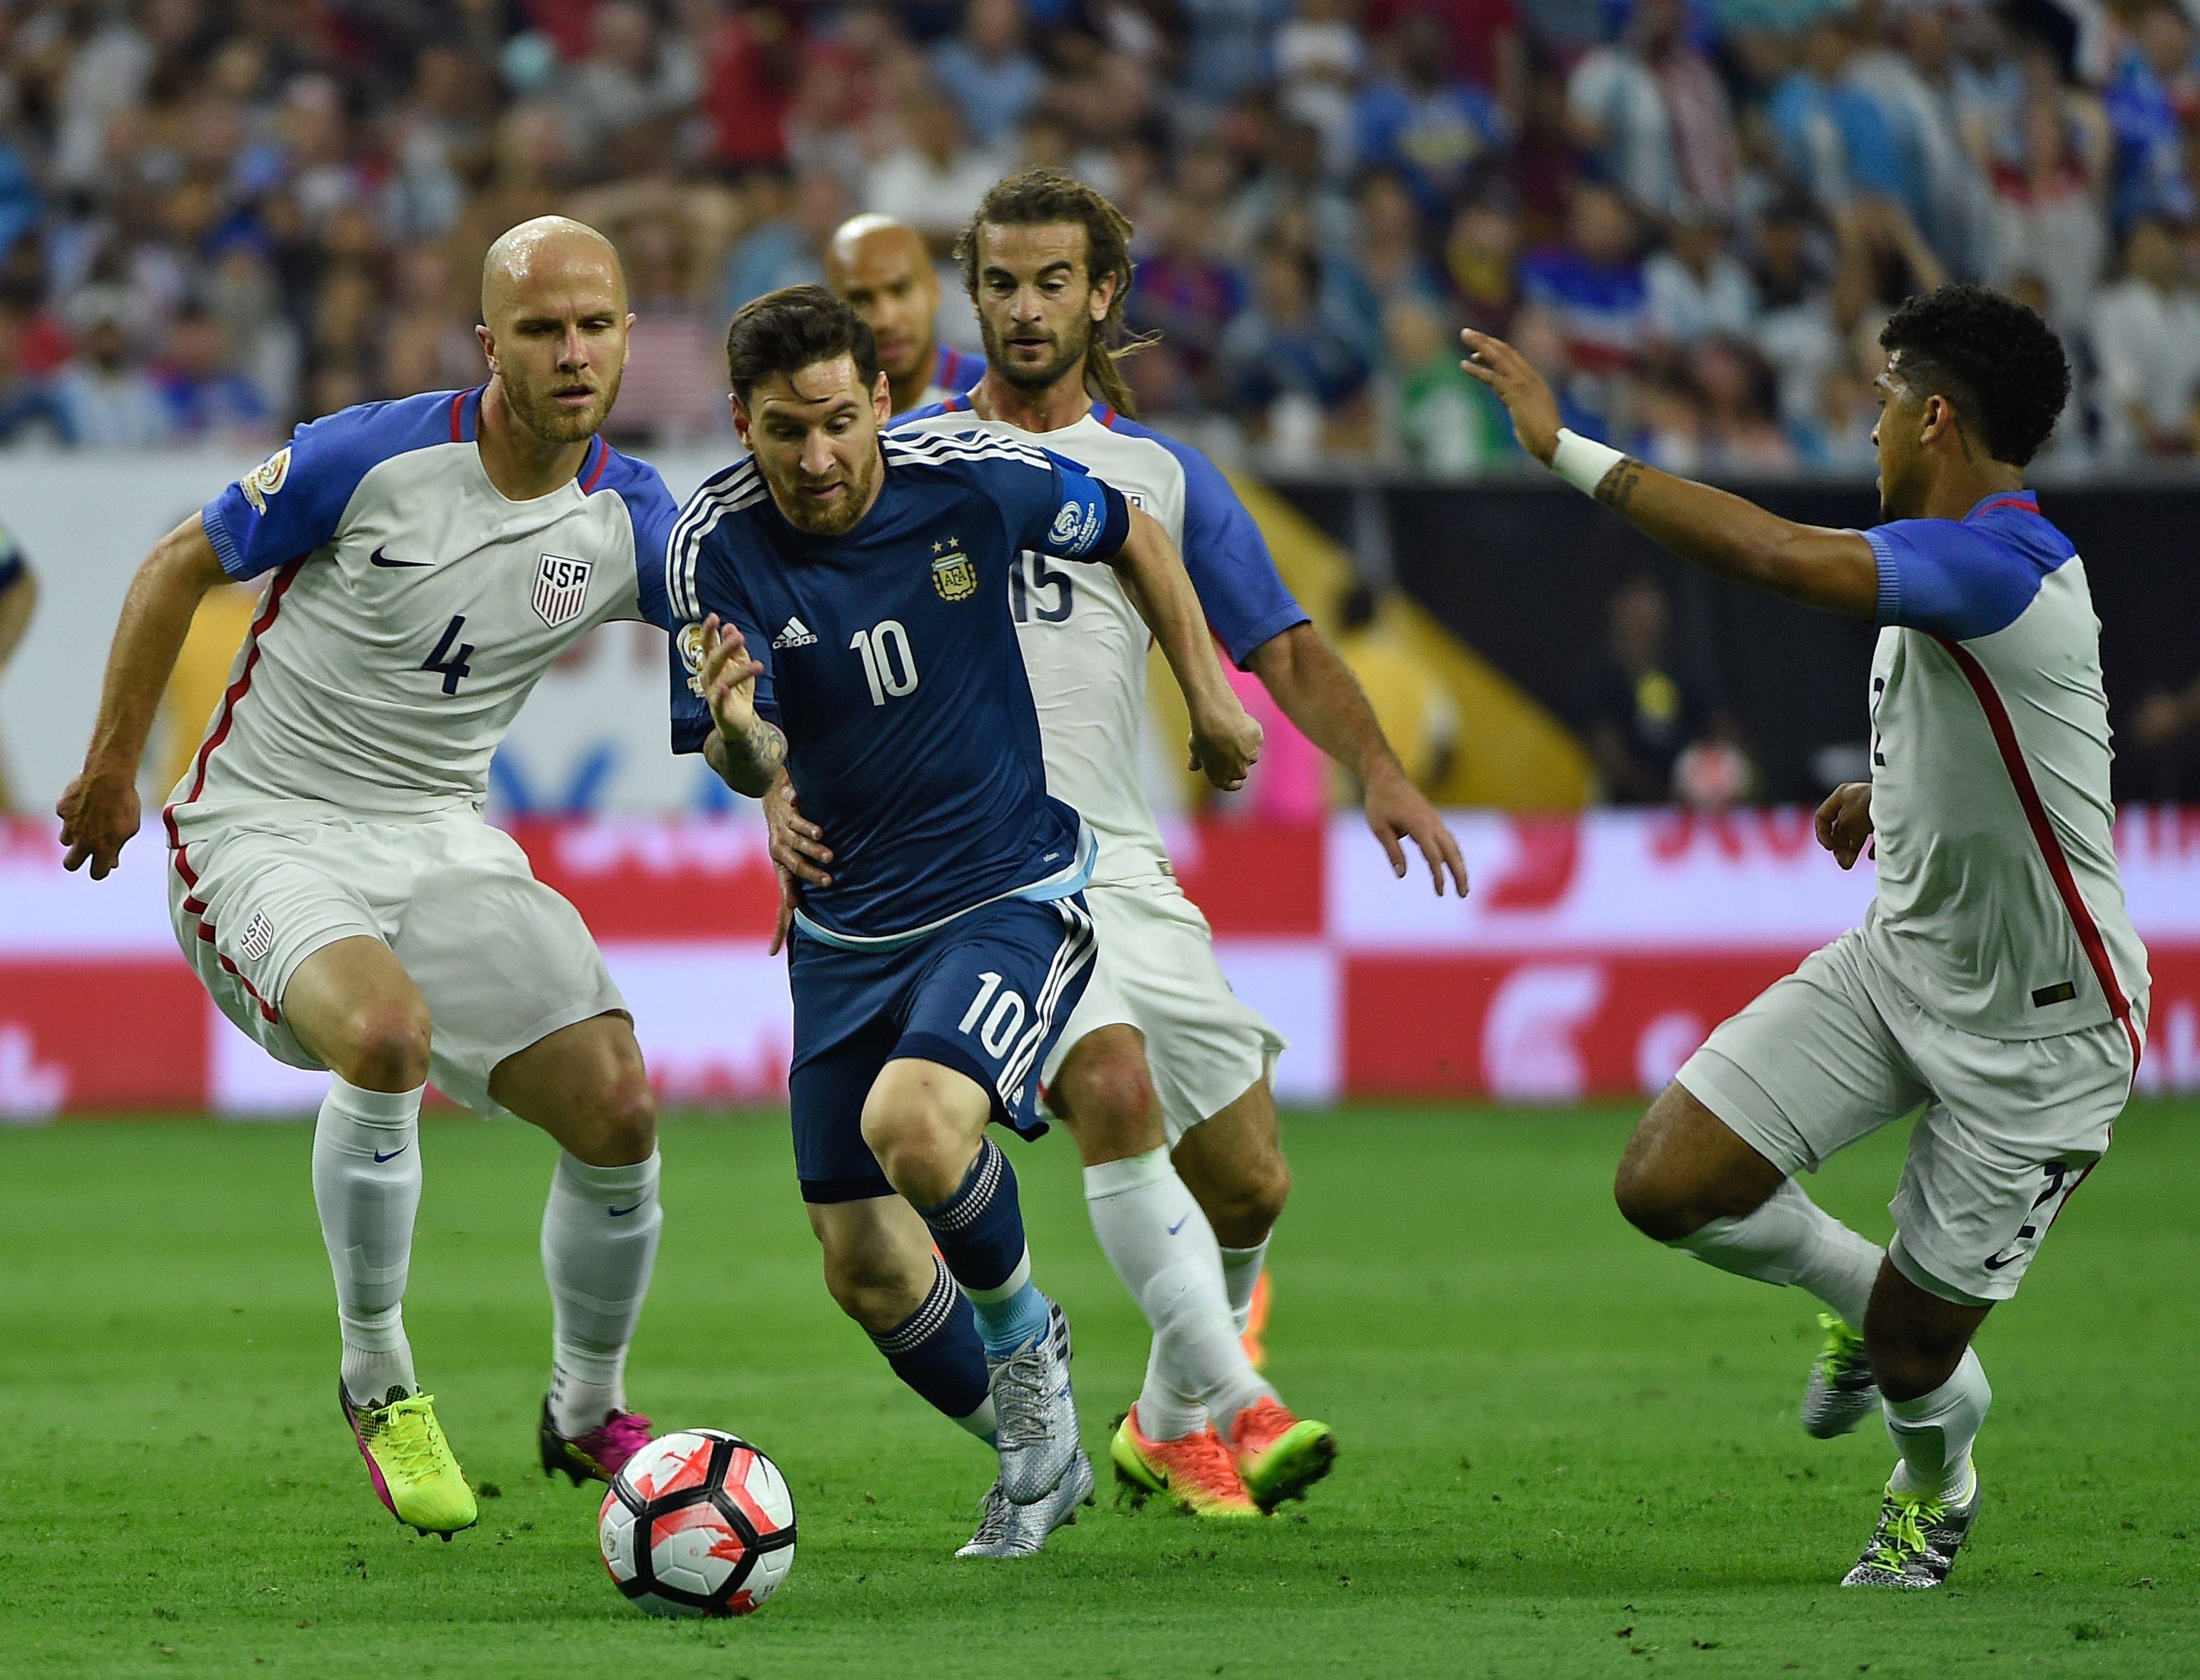 Usa vs. argentina, copa america semifinals 2016, USA-Argentina score, results, USA-Argentina highlights, 2016, who won match USA-Argentina, USA-Argentina partido, USA-Argentina 2016 highlights